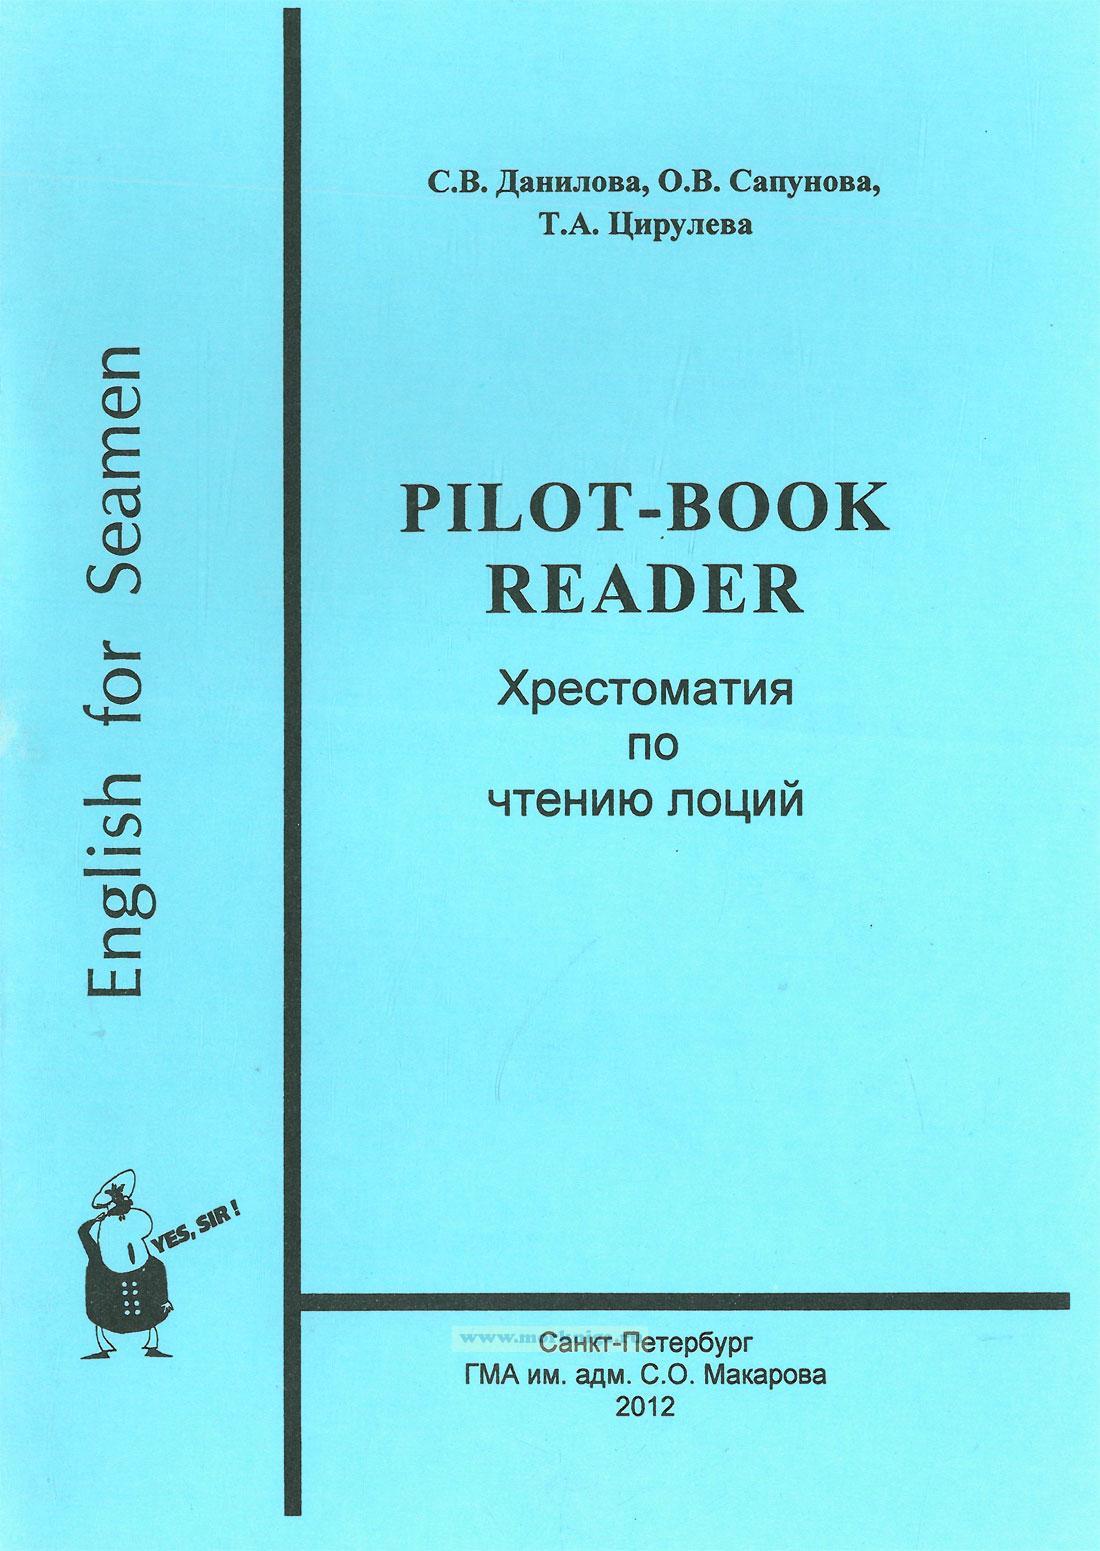 Pilot-book reader. Хрестоматия по чтению лоций: учебно-методическое пособие (3-е издание, исправленное)